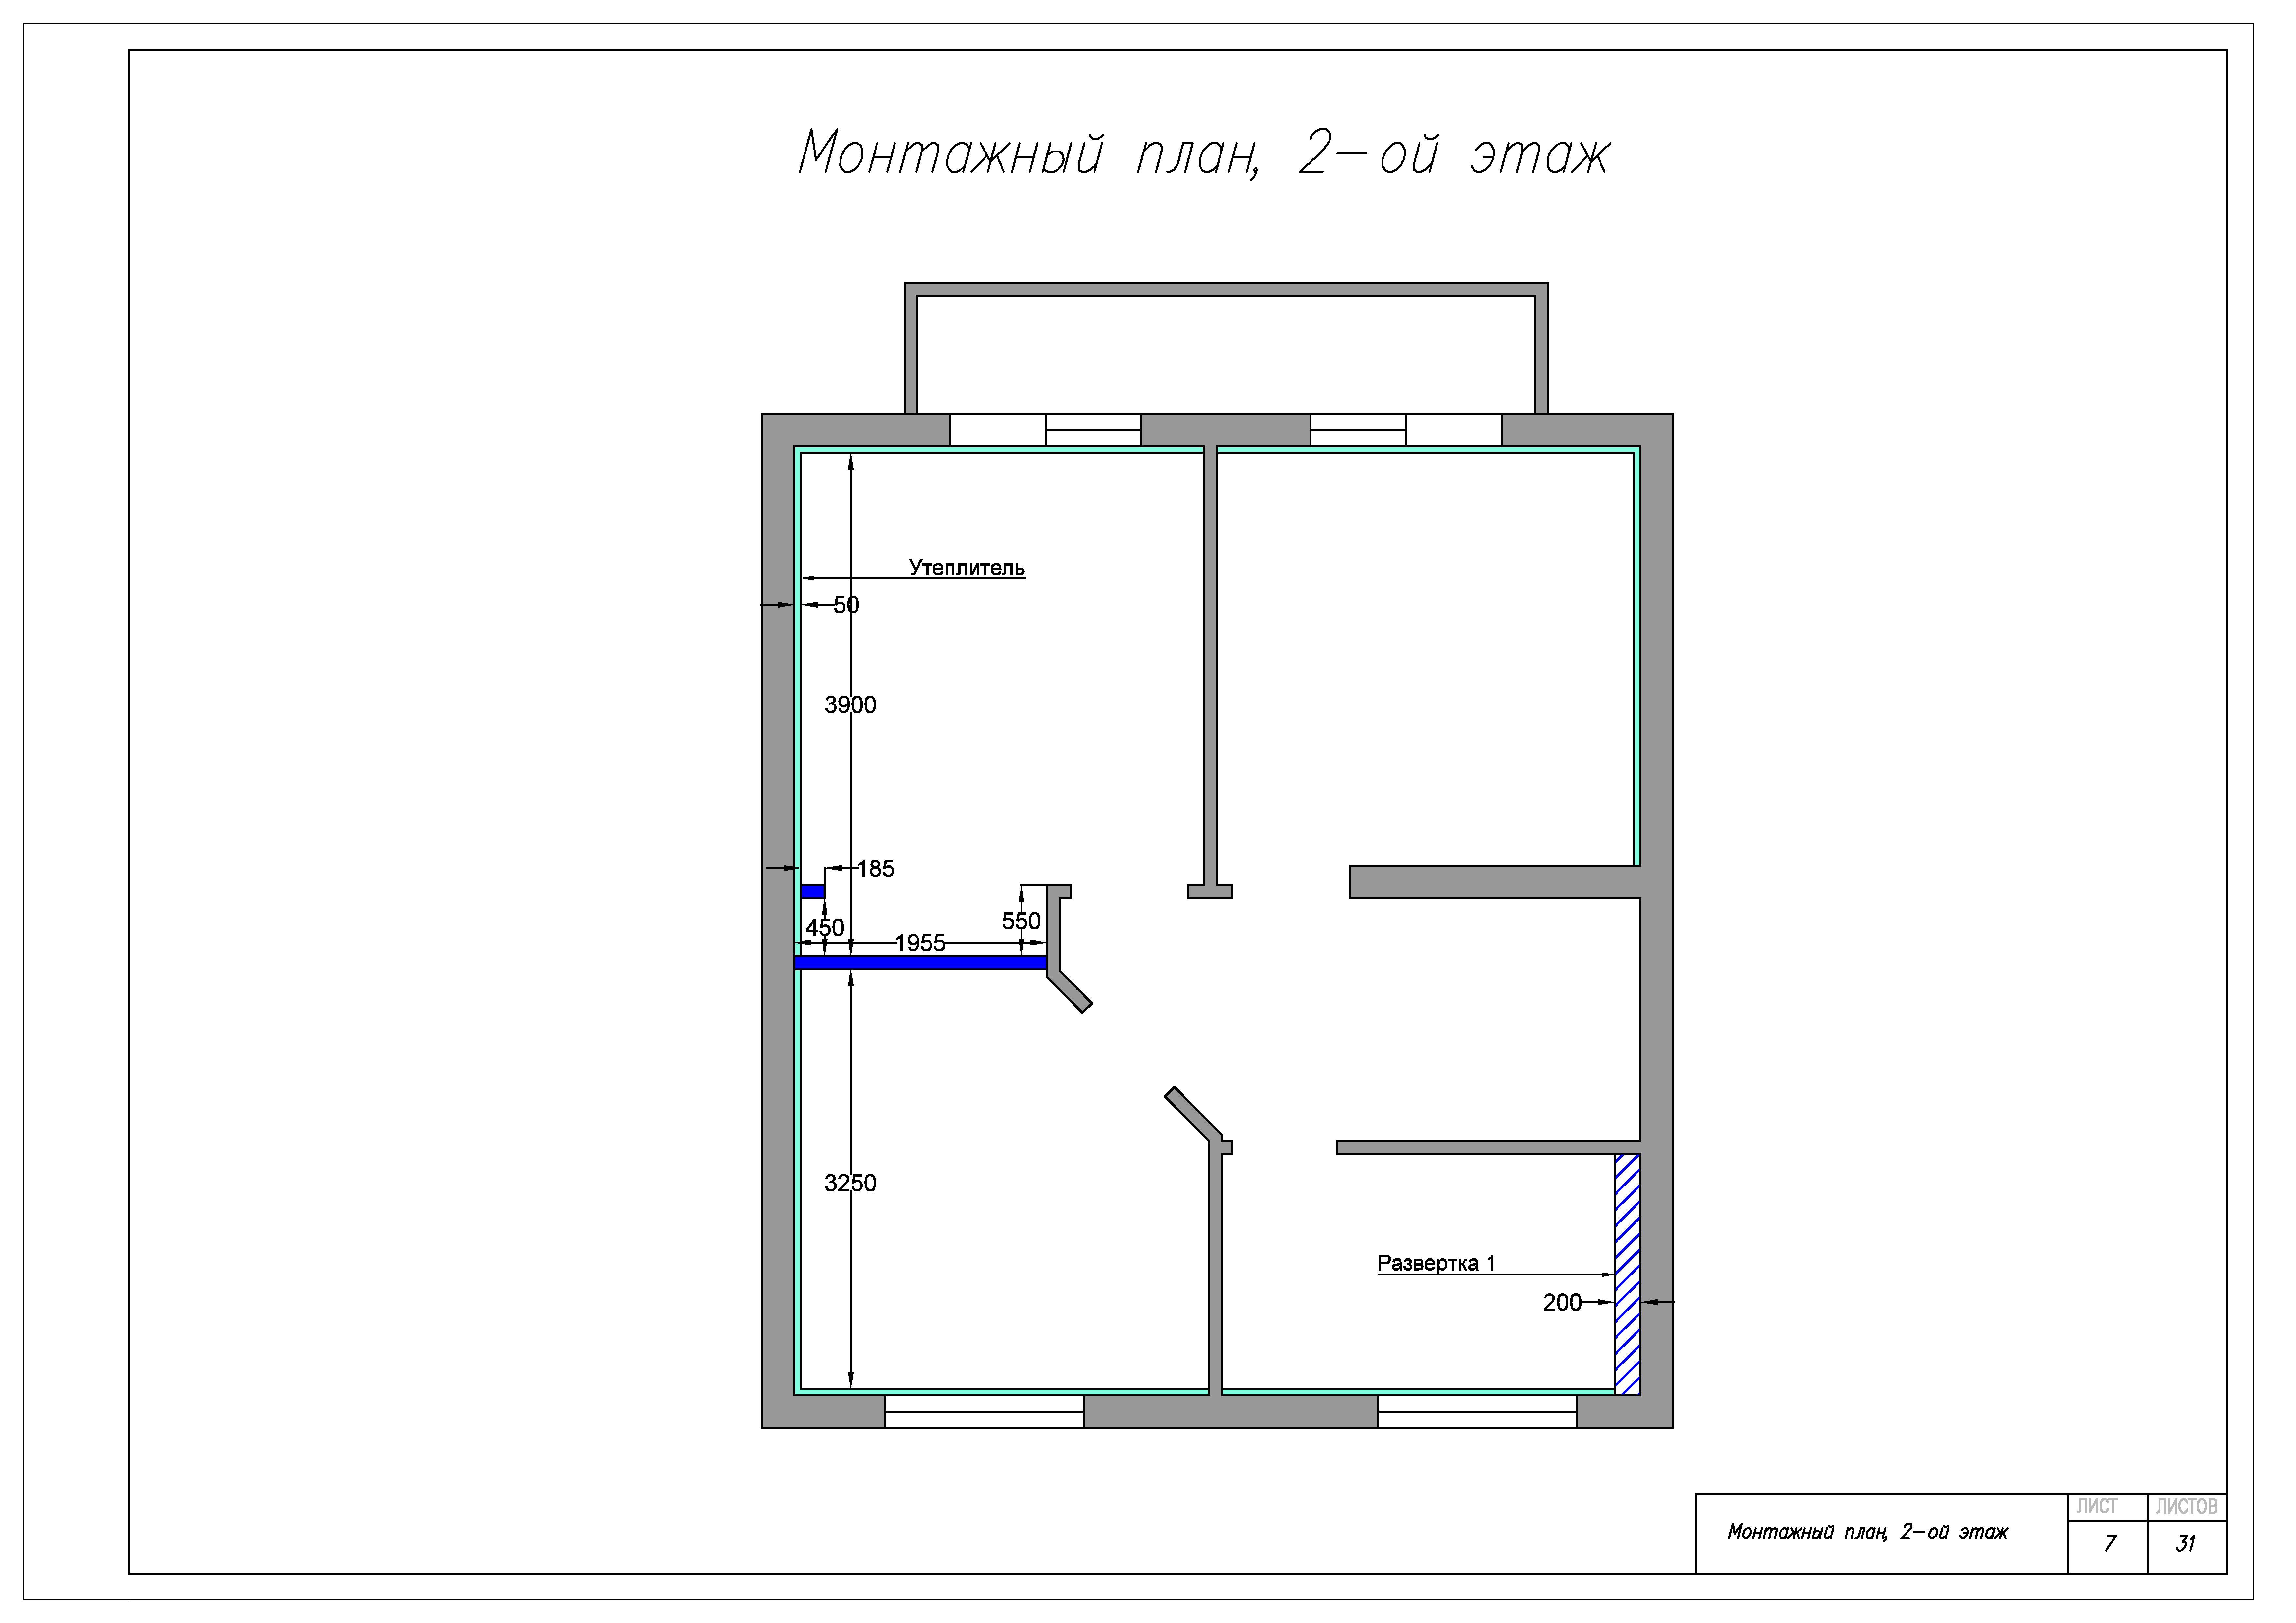 Монтажный план, 2 этаж